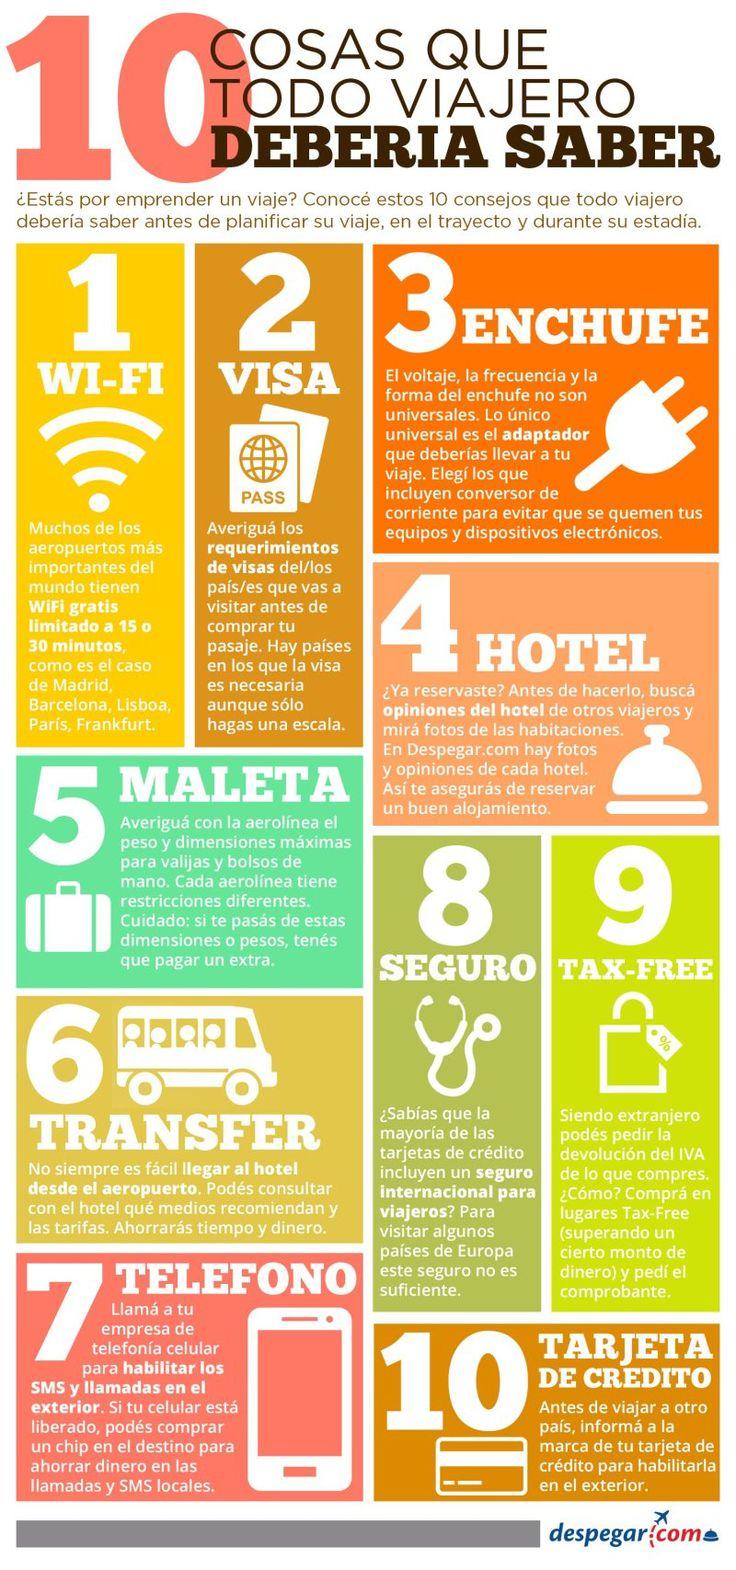 10 cosas que un turista debería conocer antes de viajar. #Travelers #TravelTips #Turismo